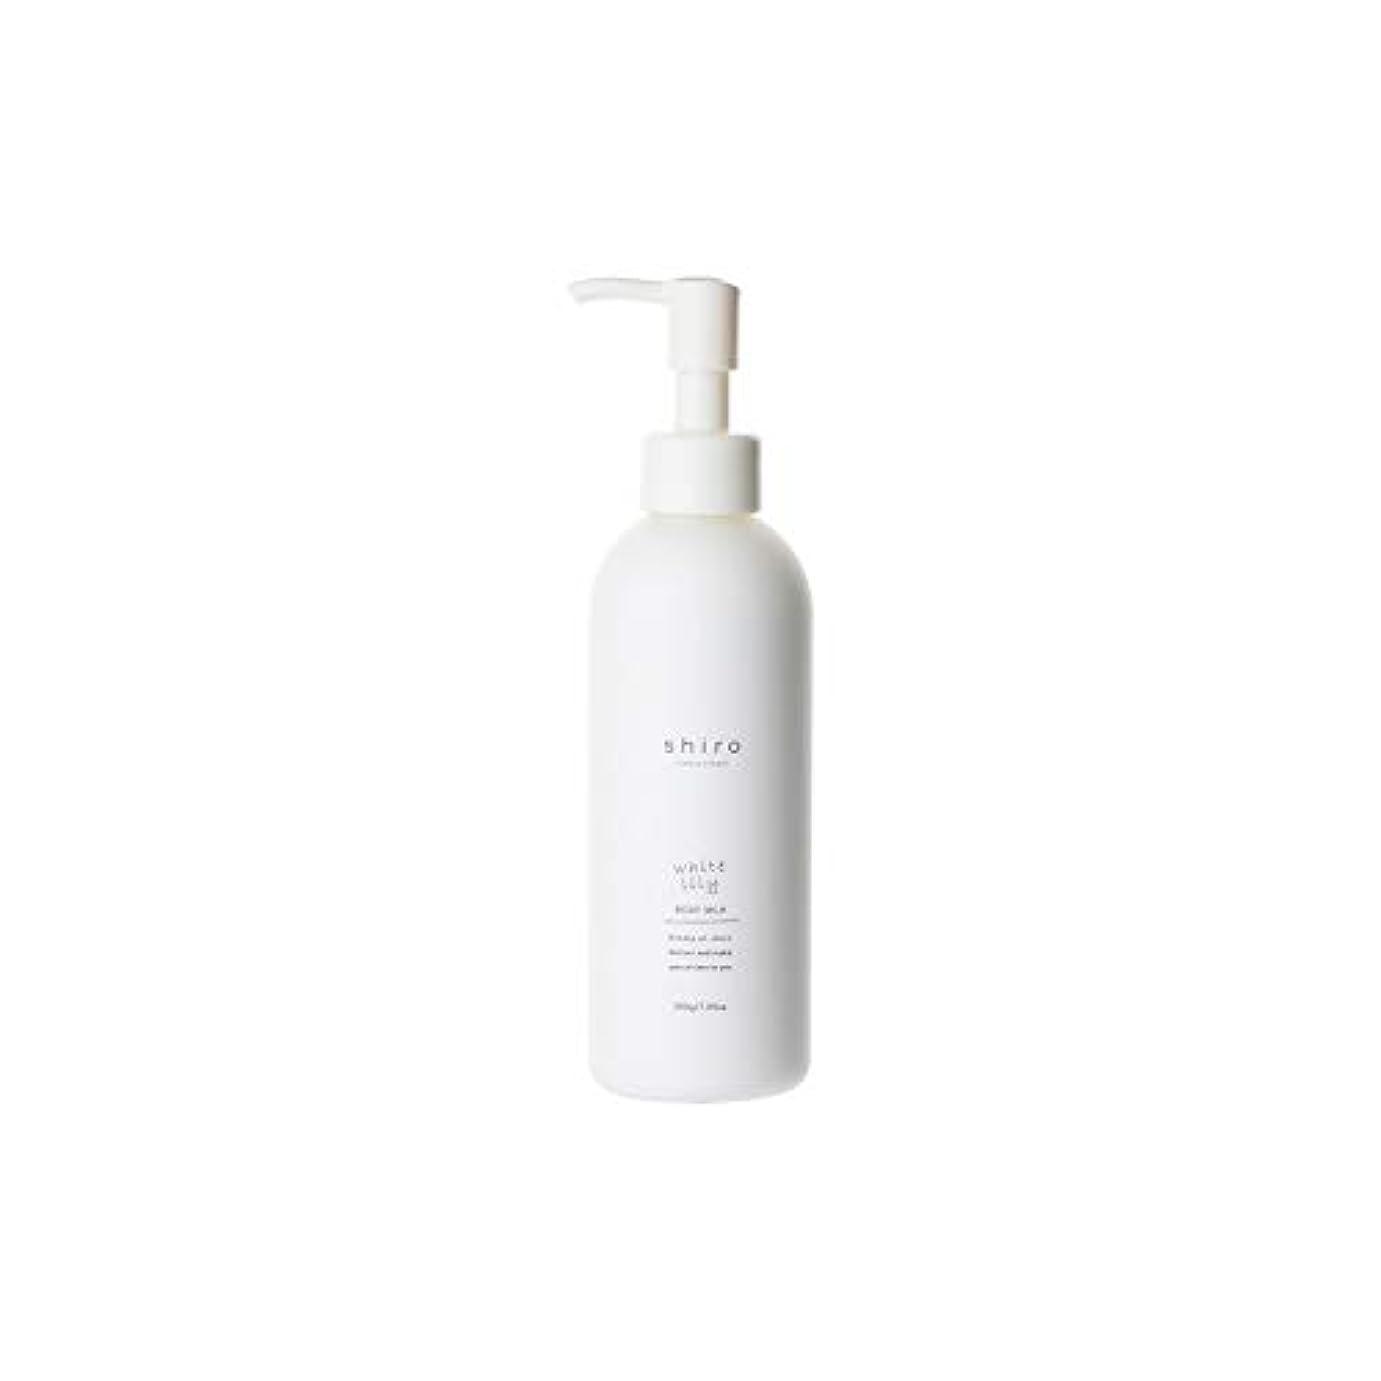 フリンジ興味掃くshiro white lily ホワイトリリー ボディミルク 200g